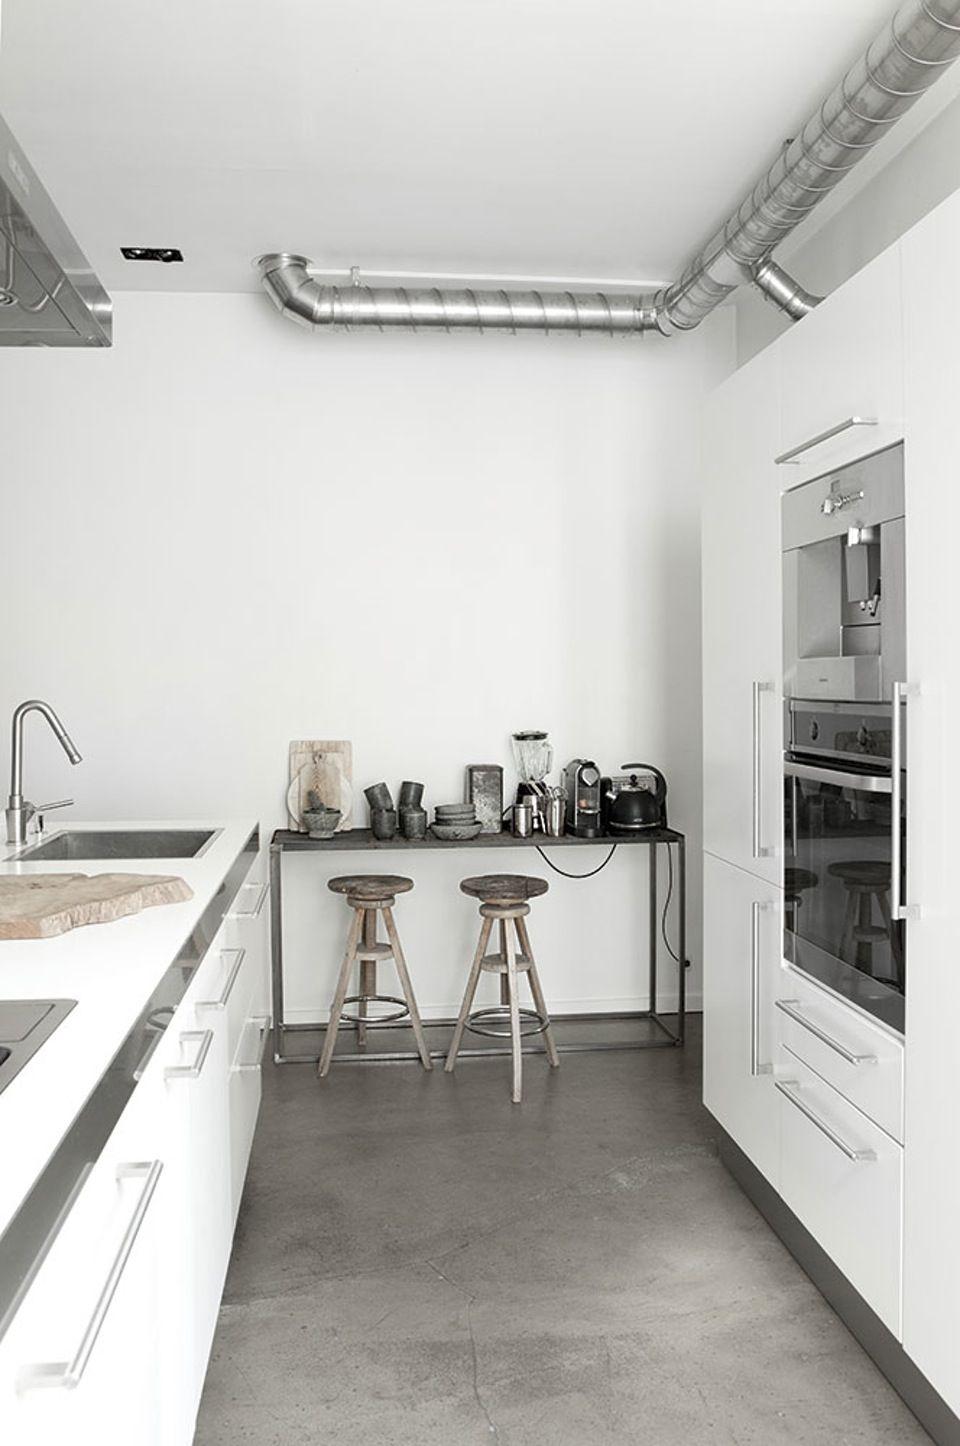 Noorse woonkeuken van stylist Ingeborg Wolf | Inrichting-huis.com ...